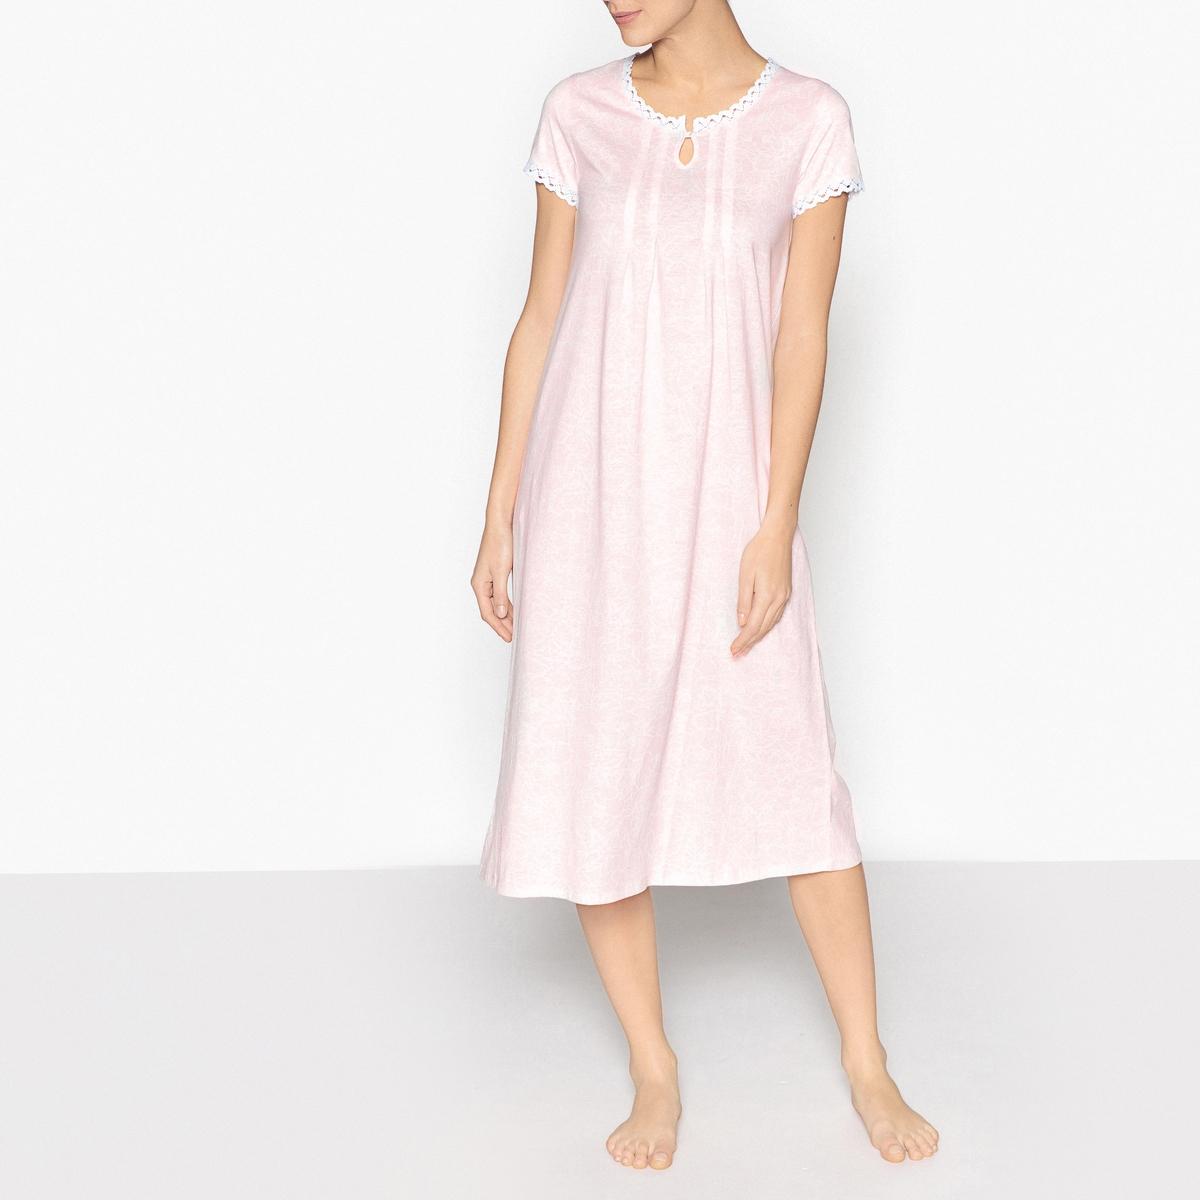 Сорочка ночная из кружева и чесаного хлопкаОписание:Ночная сорочка ANNE WEYBURN. Красивая длинная ночная сорочка, в которой вам будет очень комфортно вечерами . Отделка красивым кружевом выреза .Детали изделия•  Длинная ночная сорочка . •  Отделка кружевом круглого выреза . •  Короткие рукава. •  Длина : 120 см. •  Марка : ANNE WEYBURN..Состав и уход •  Материал : 100% хлопок. •  Машинная стирка при 40°C в деликатном режиме. •  Стирать с вещами схожих цветов. •  Стирать и гладить с изнаночной стороны. •  Гладить при низкой температуре.<br><br>Цвет: набивной рисунок